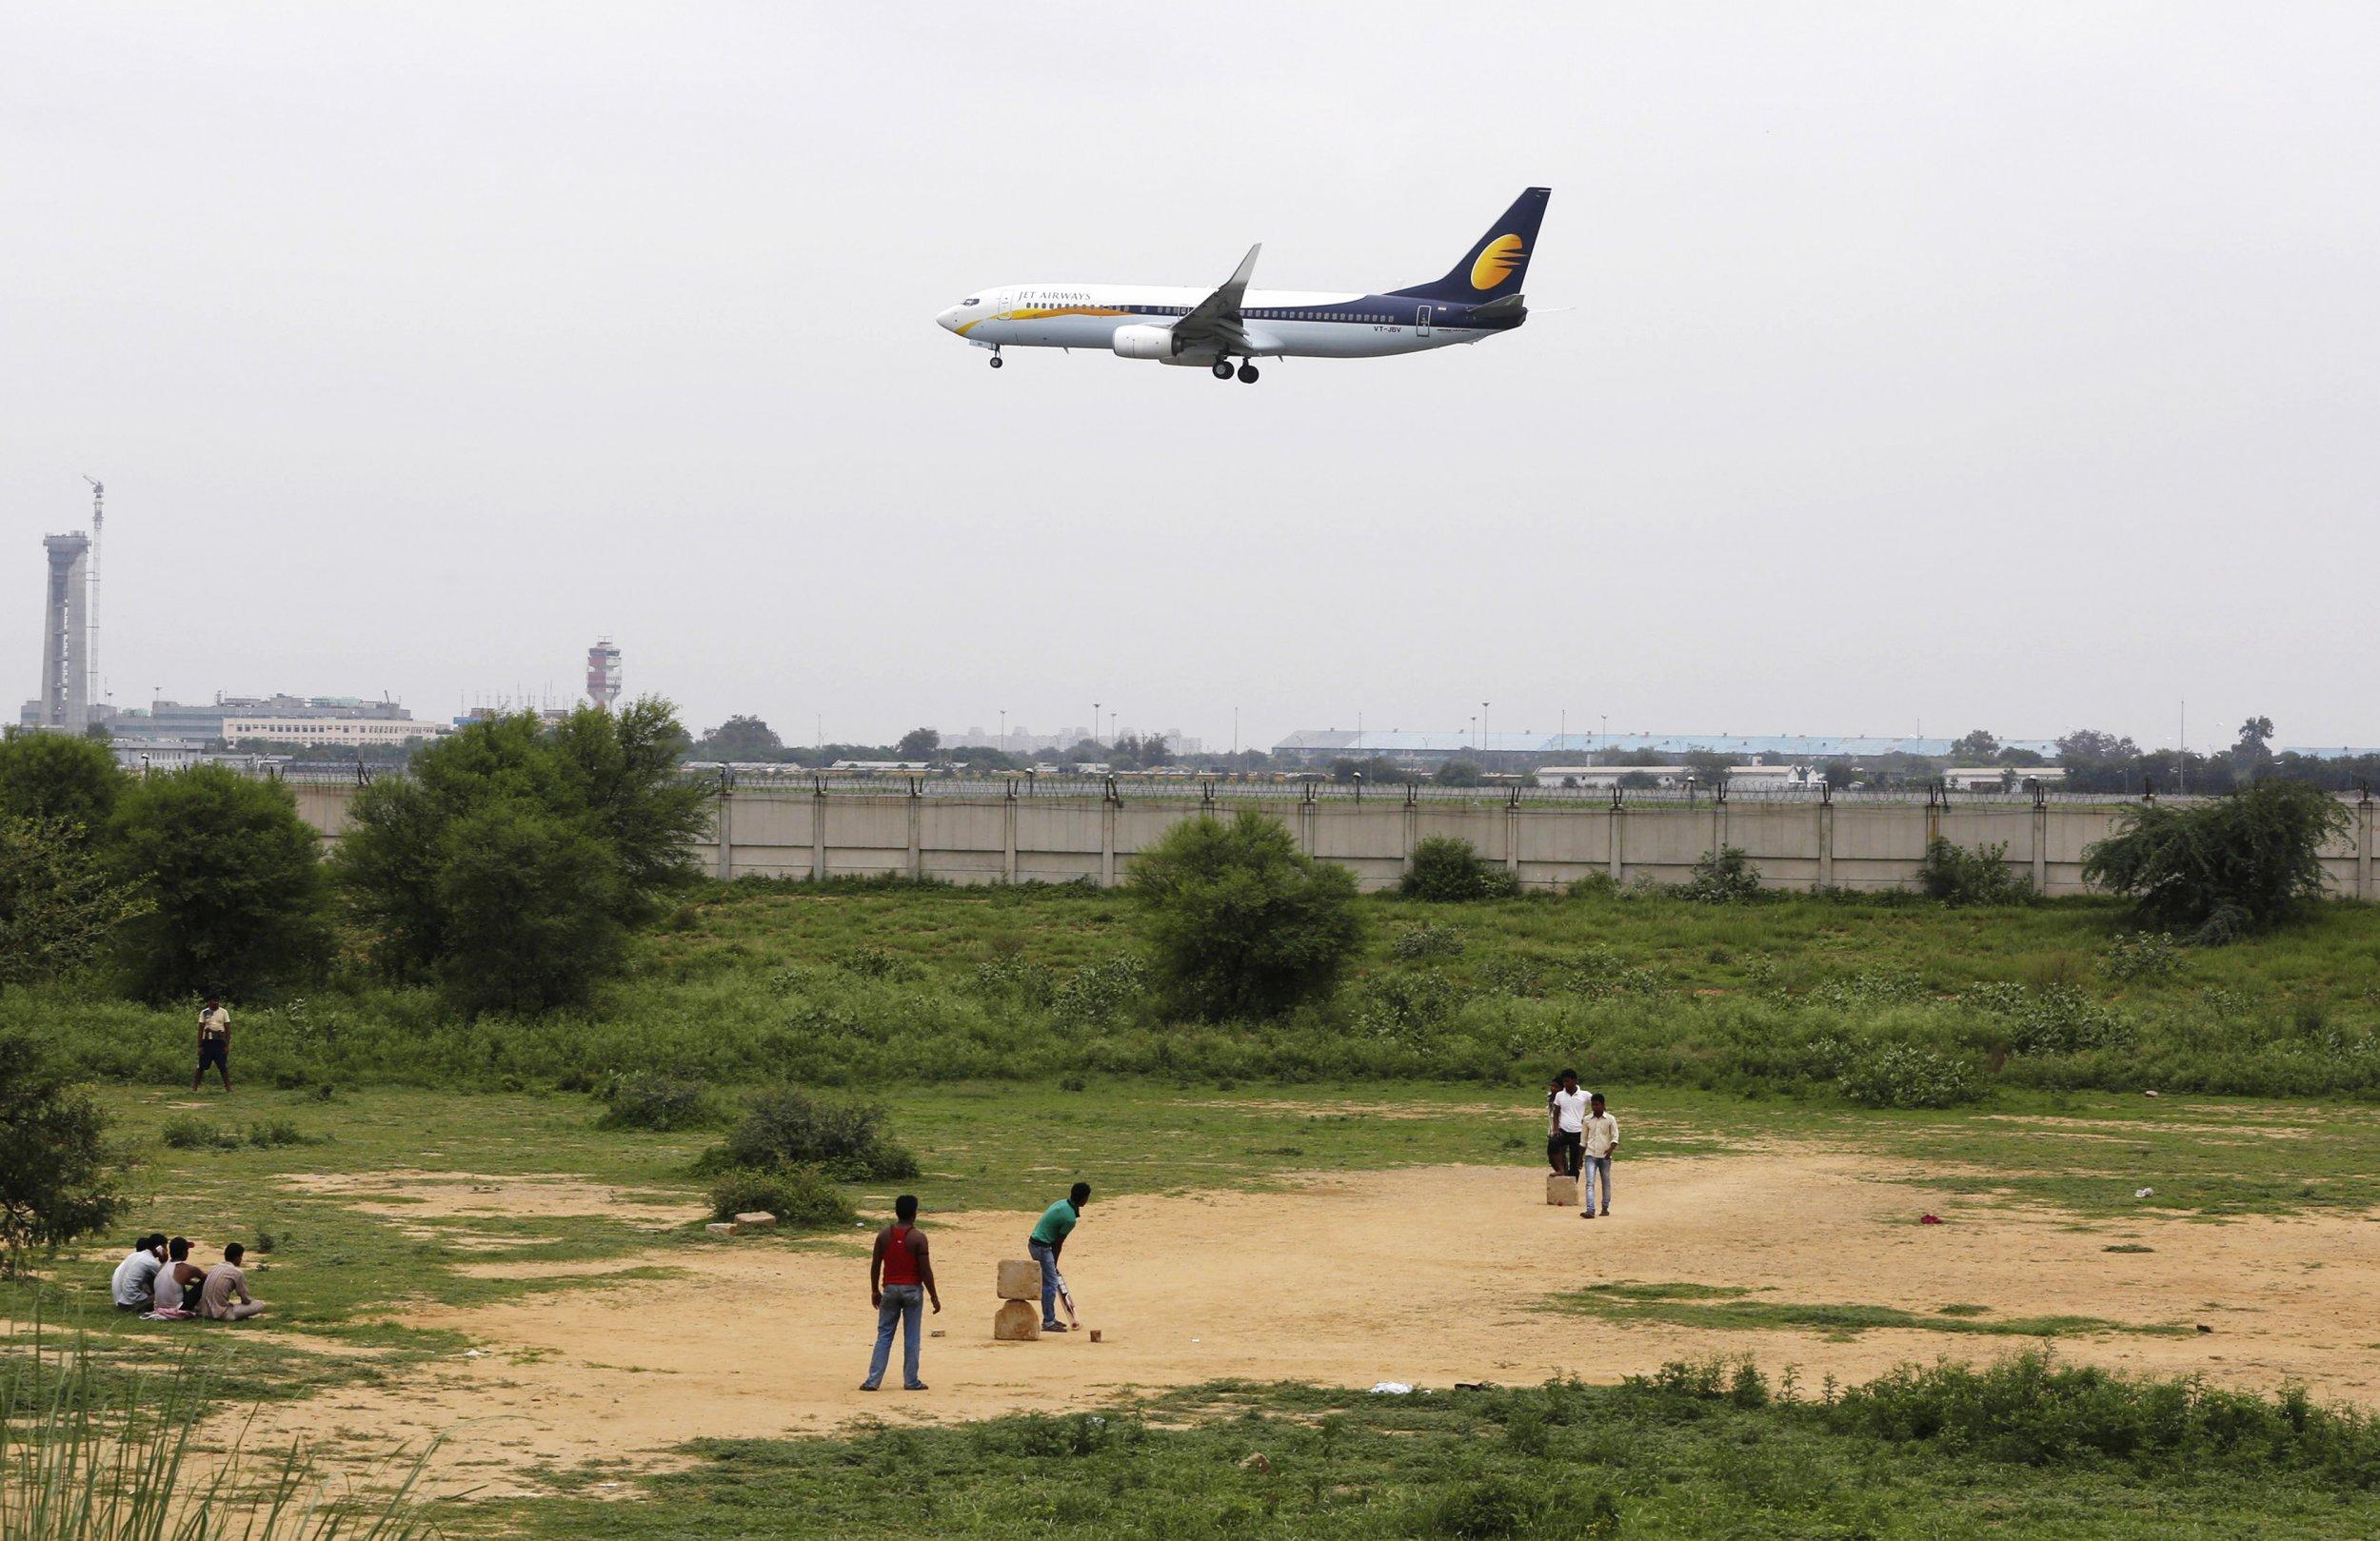 01_22_plane_india